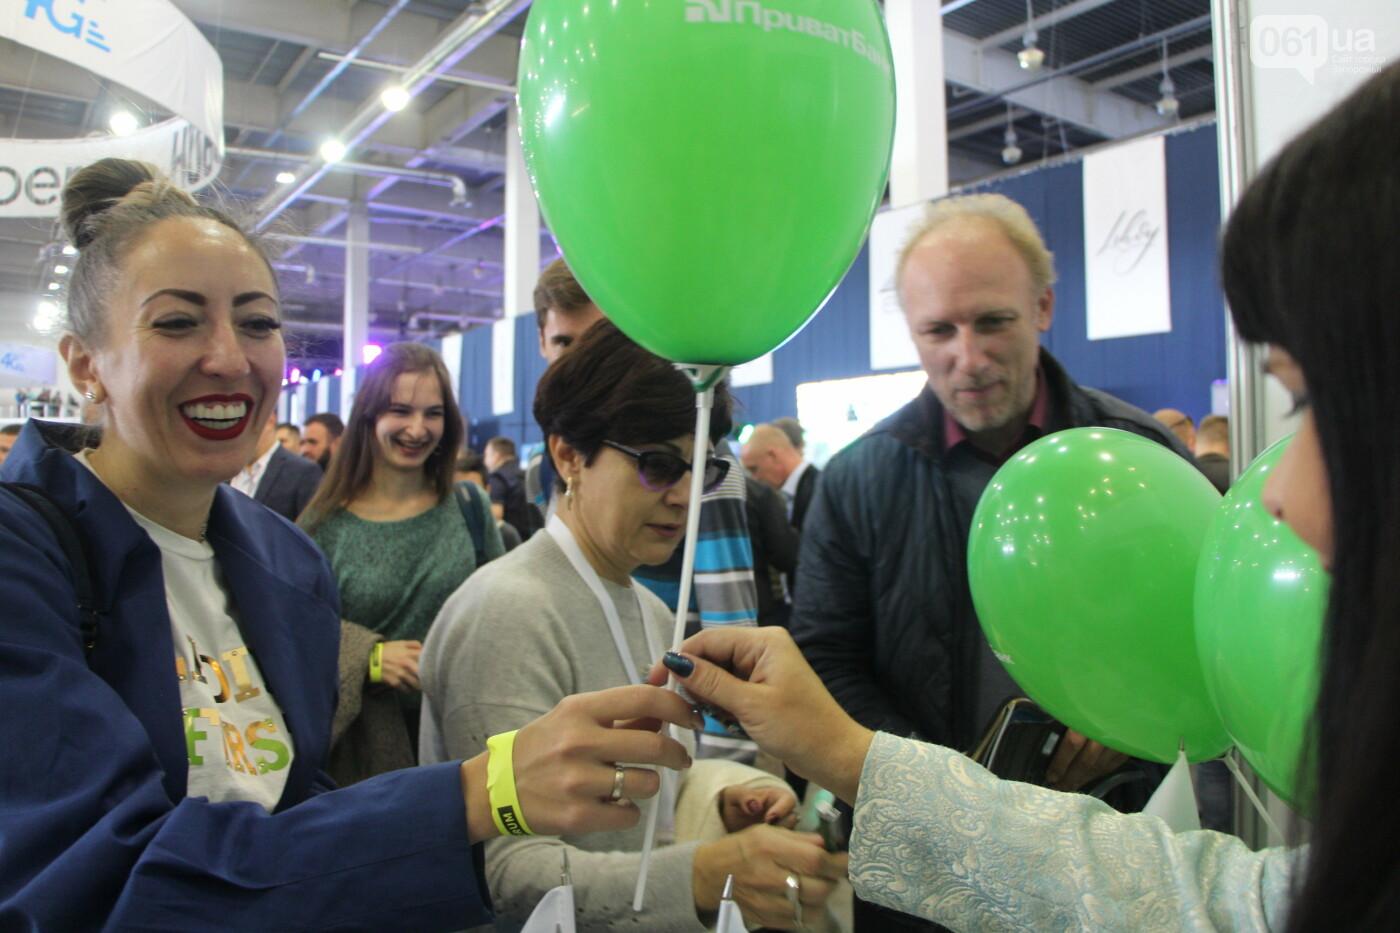 ПриватБанк презентовал свои услуги для фрилансеров и IT-специалистов на International IT Forum 2019, фото-5